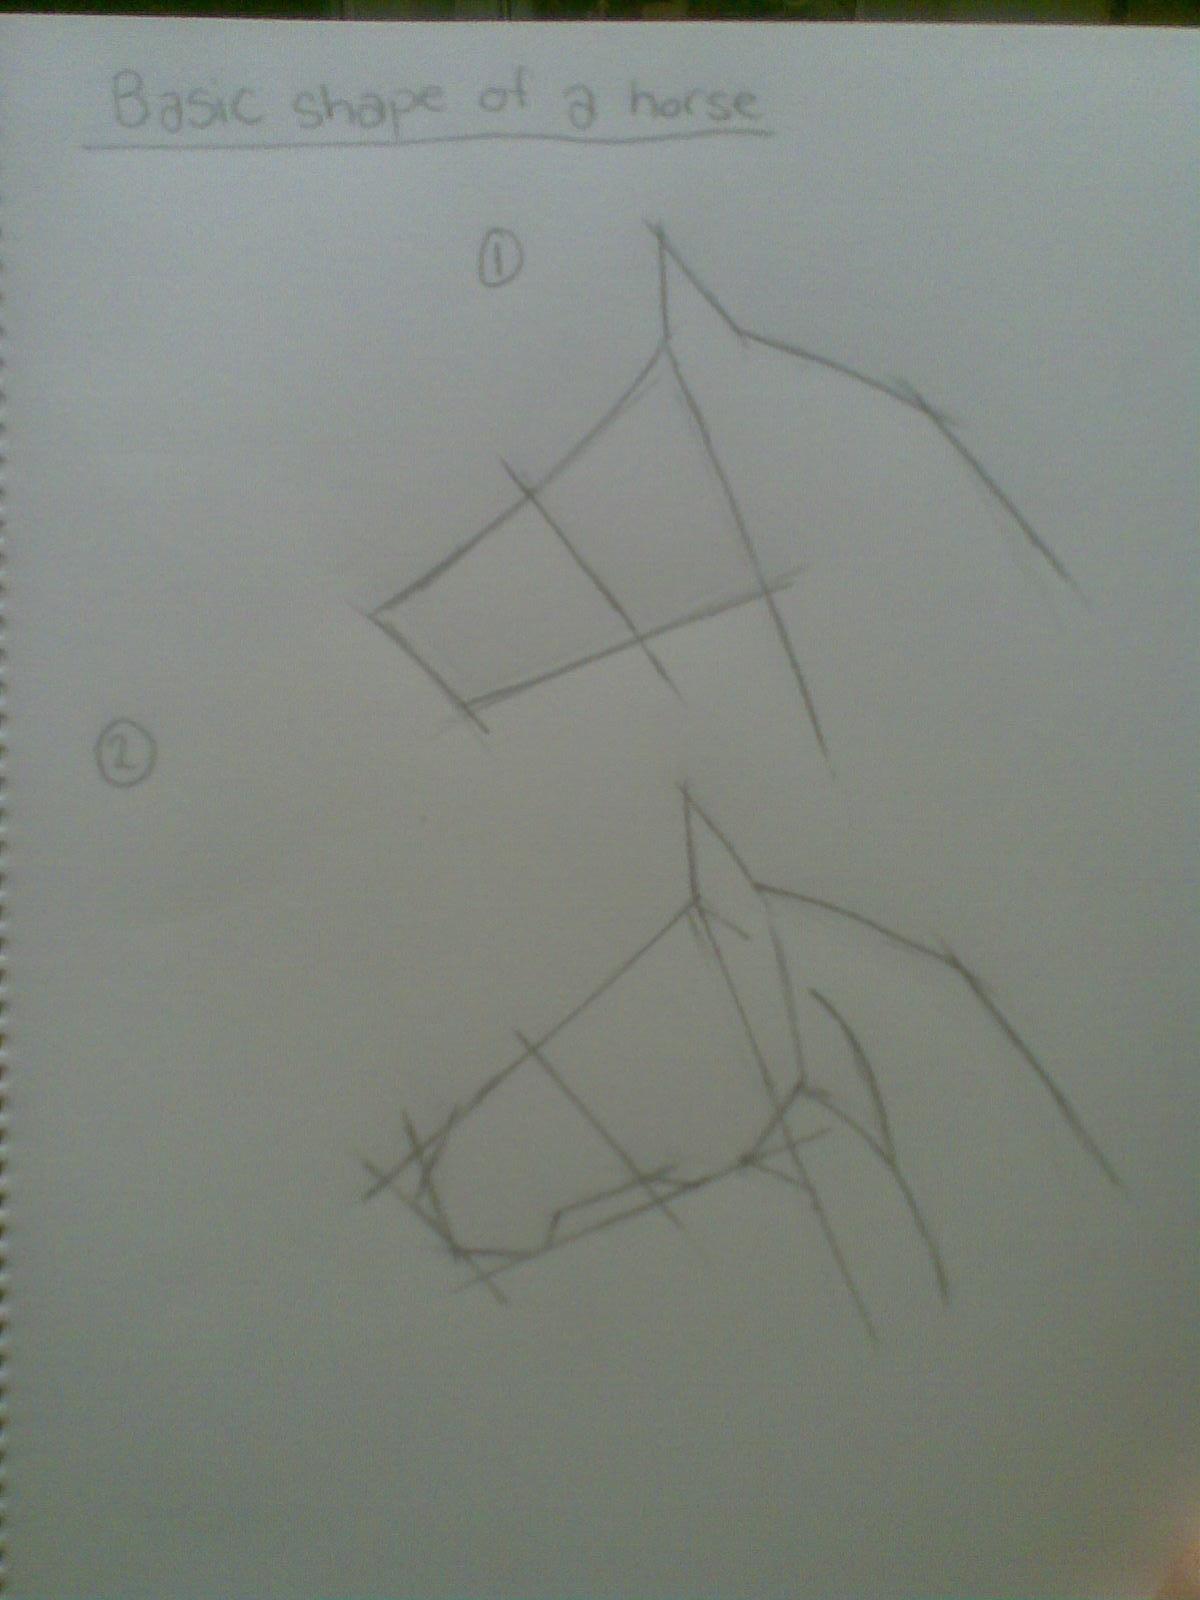 http://2.bp.blogspot.com/-AE5cmmcP-ZM/TjWXCp0jFlI/AAAAAAAAAVY/r6ItAHeIQbw/s1600/horsey12.jpg